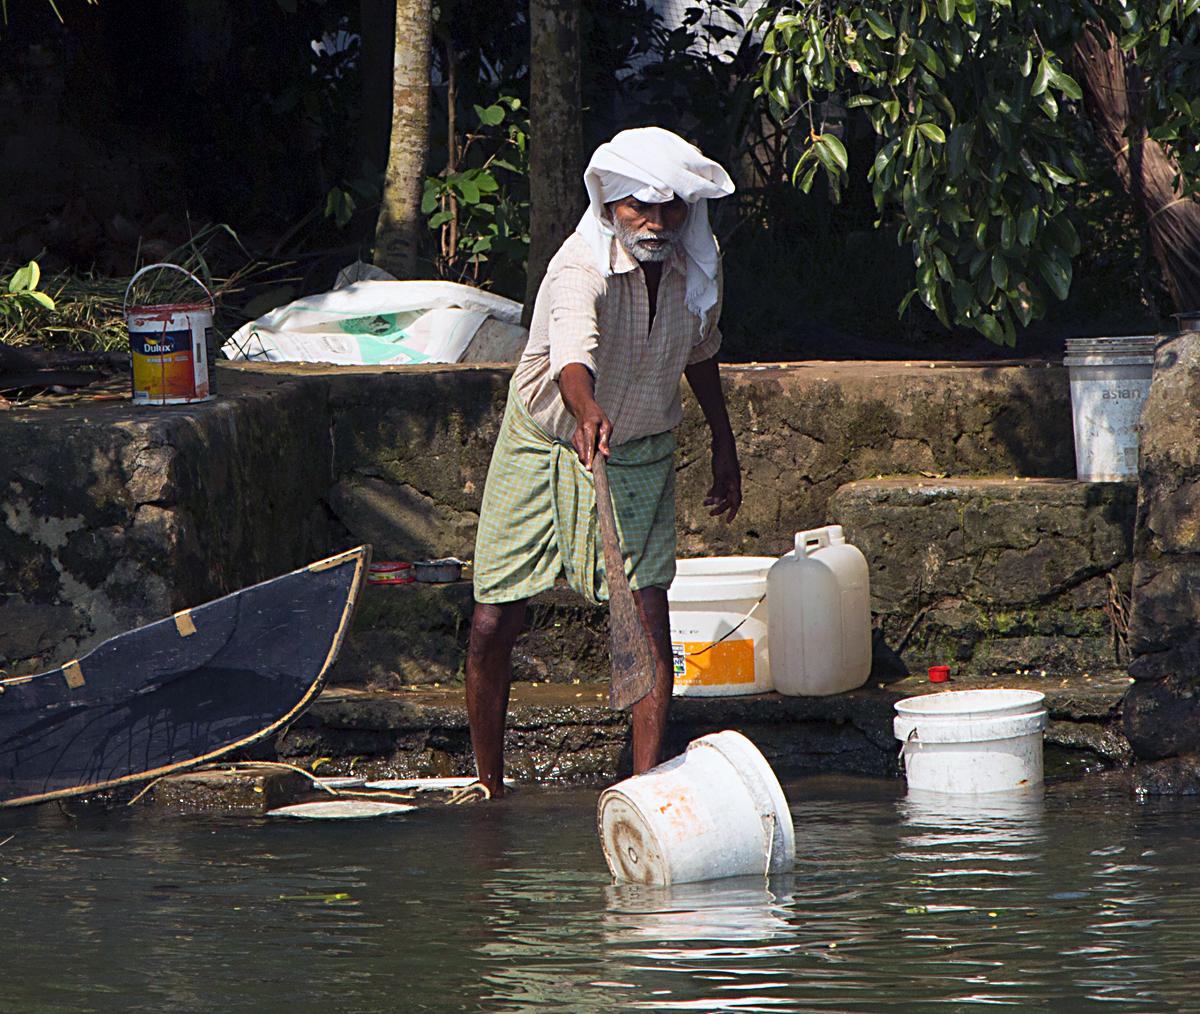 INDIEN Menschen Leben am Fluss FINEST-onTour 8434.jpg